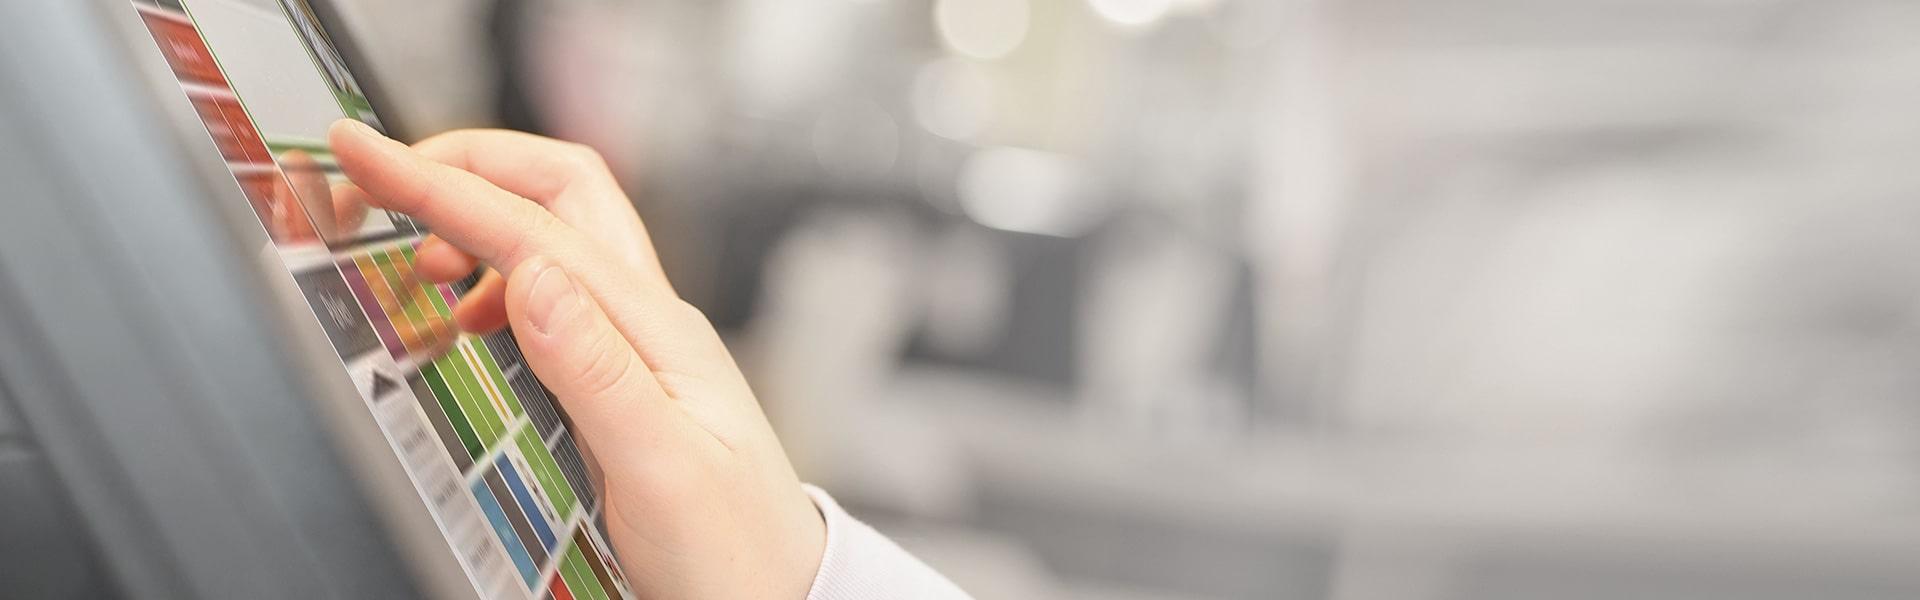 VARIO 8 Kassensystem und Kassensoftware – Moderne Registrierkassen mit Anbindung an die Warenwirtschaft